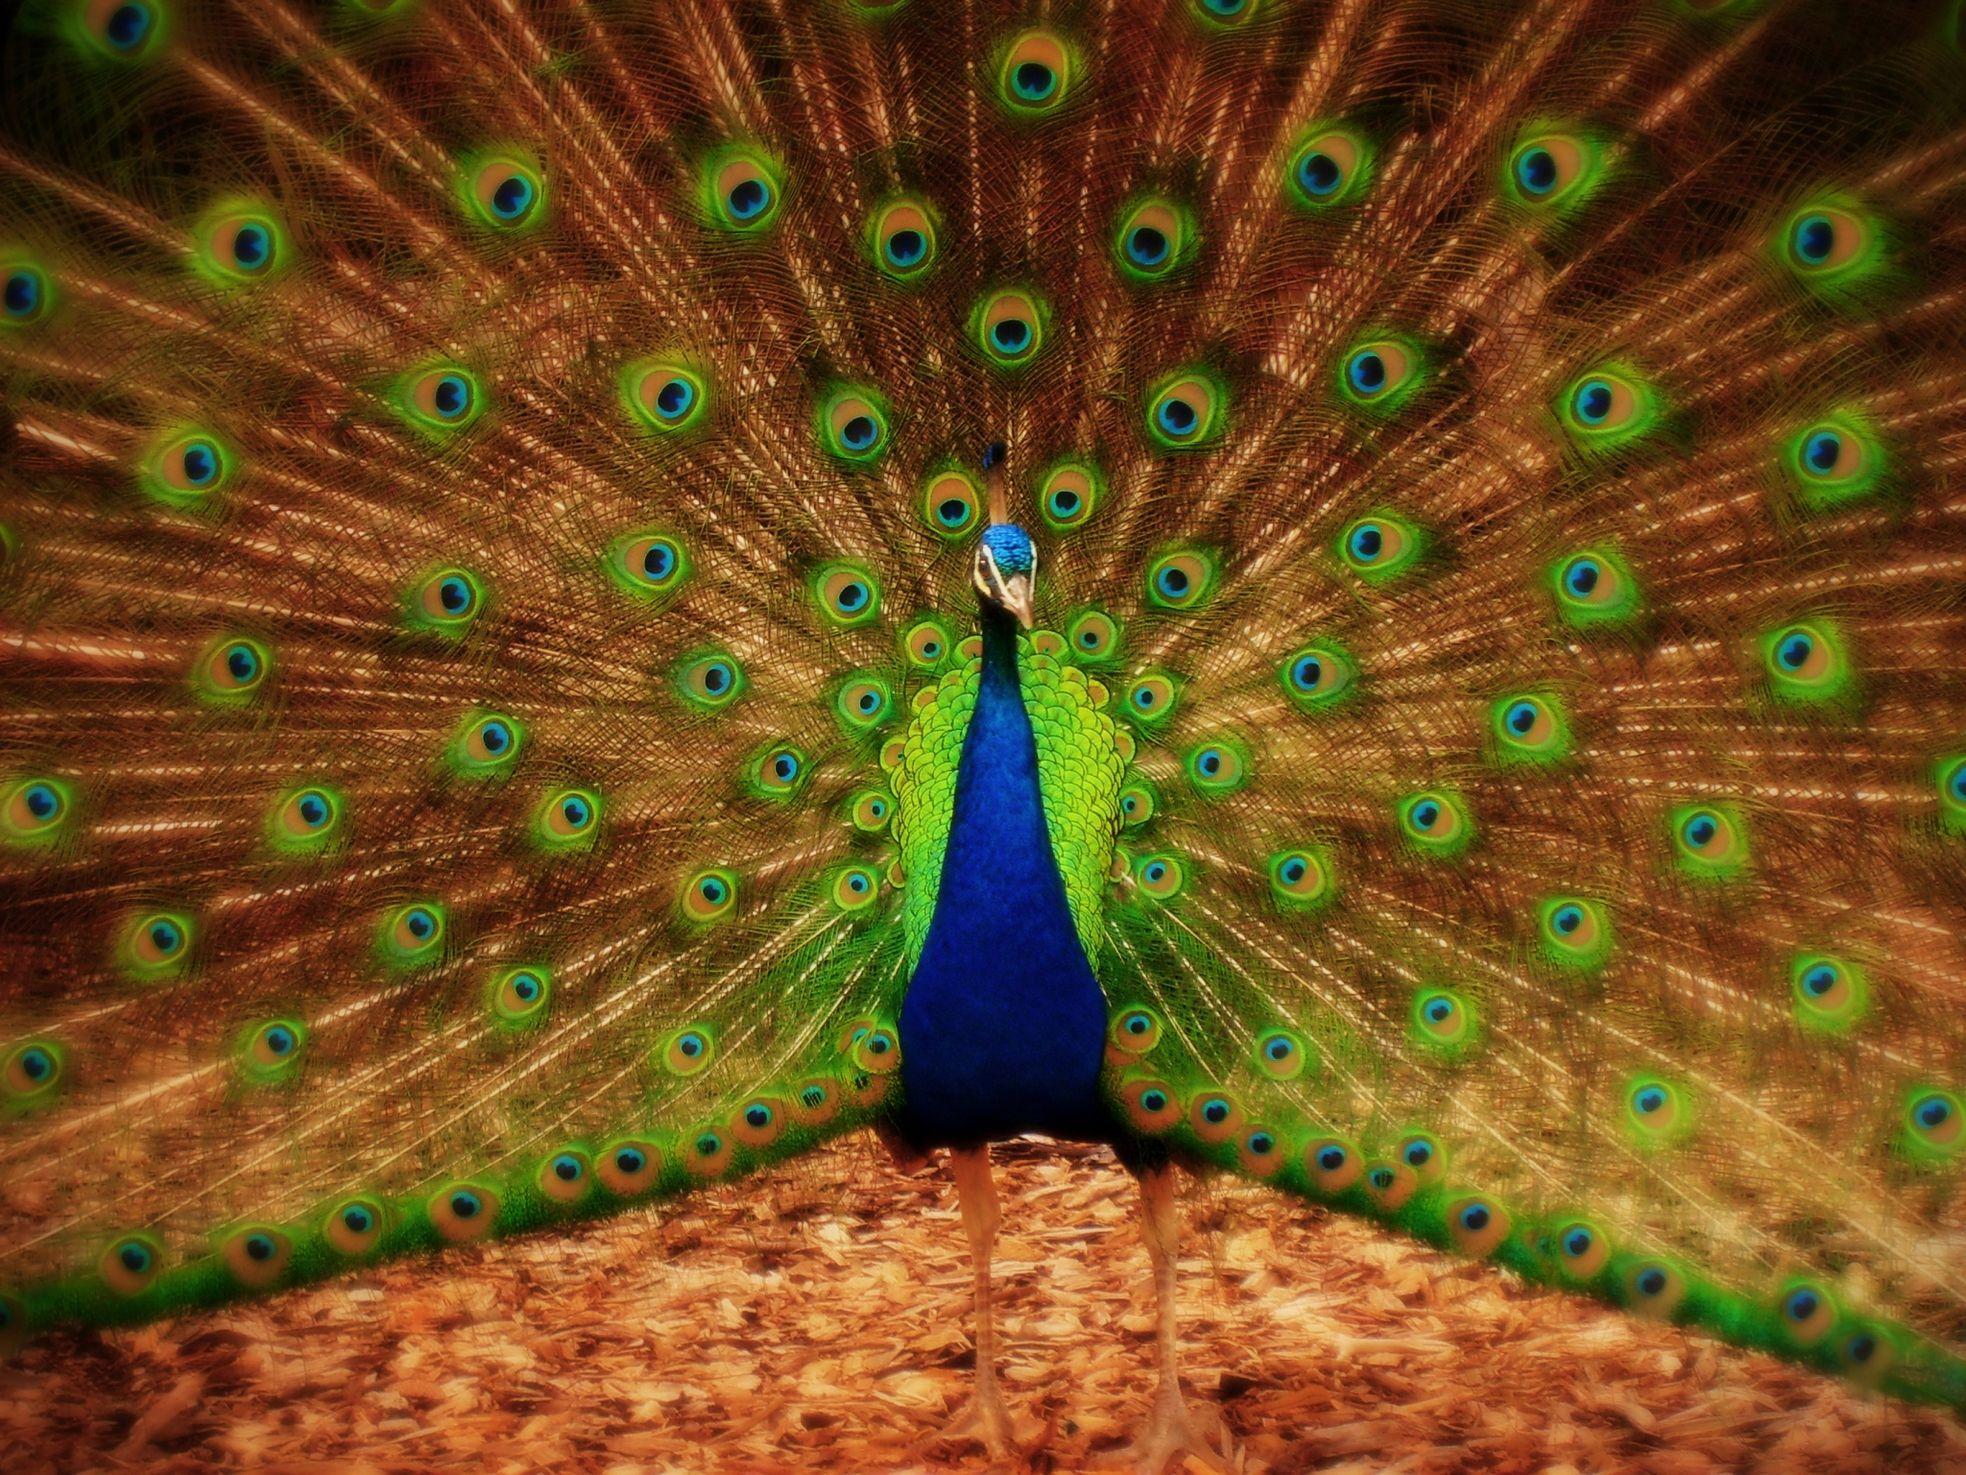 злокачественные самые красивые фото с павлином снижение травматизма